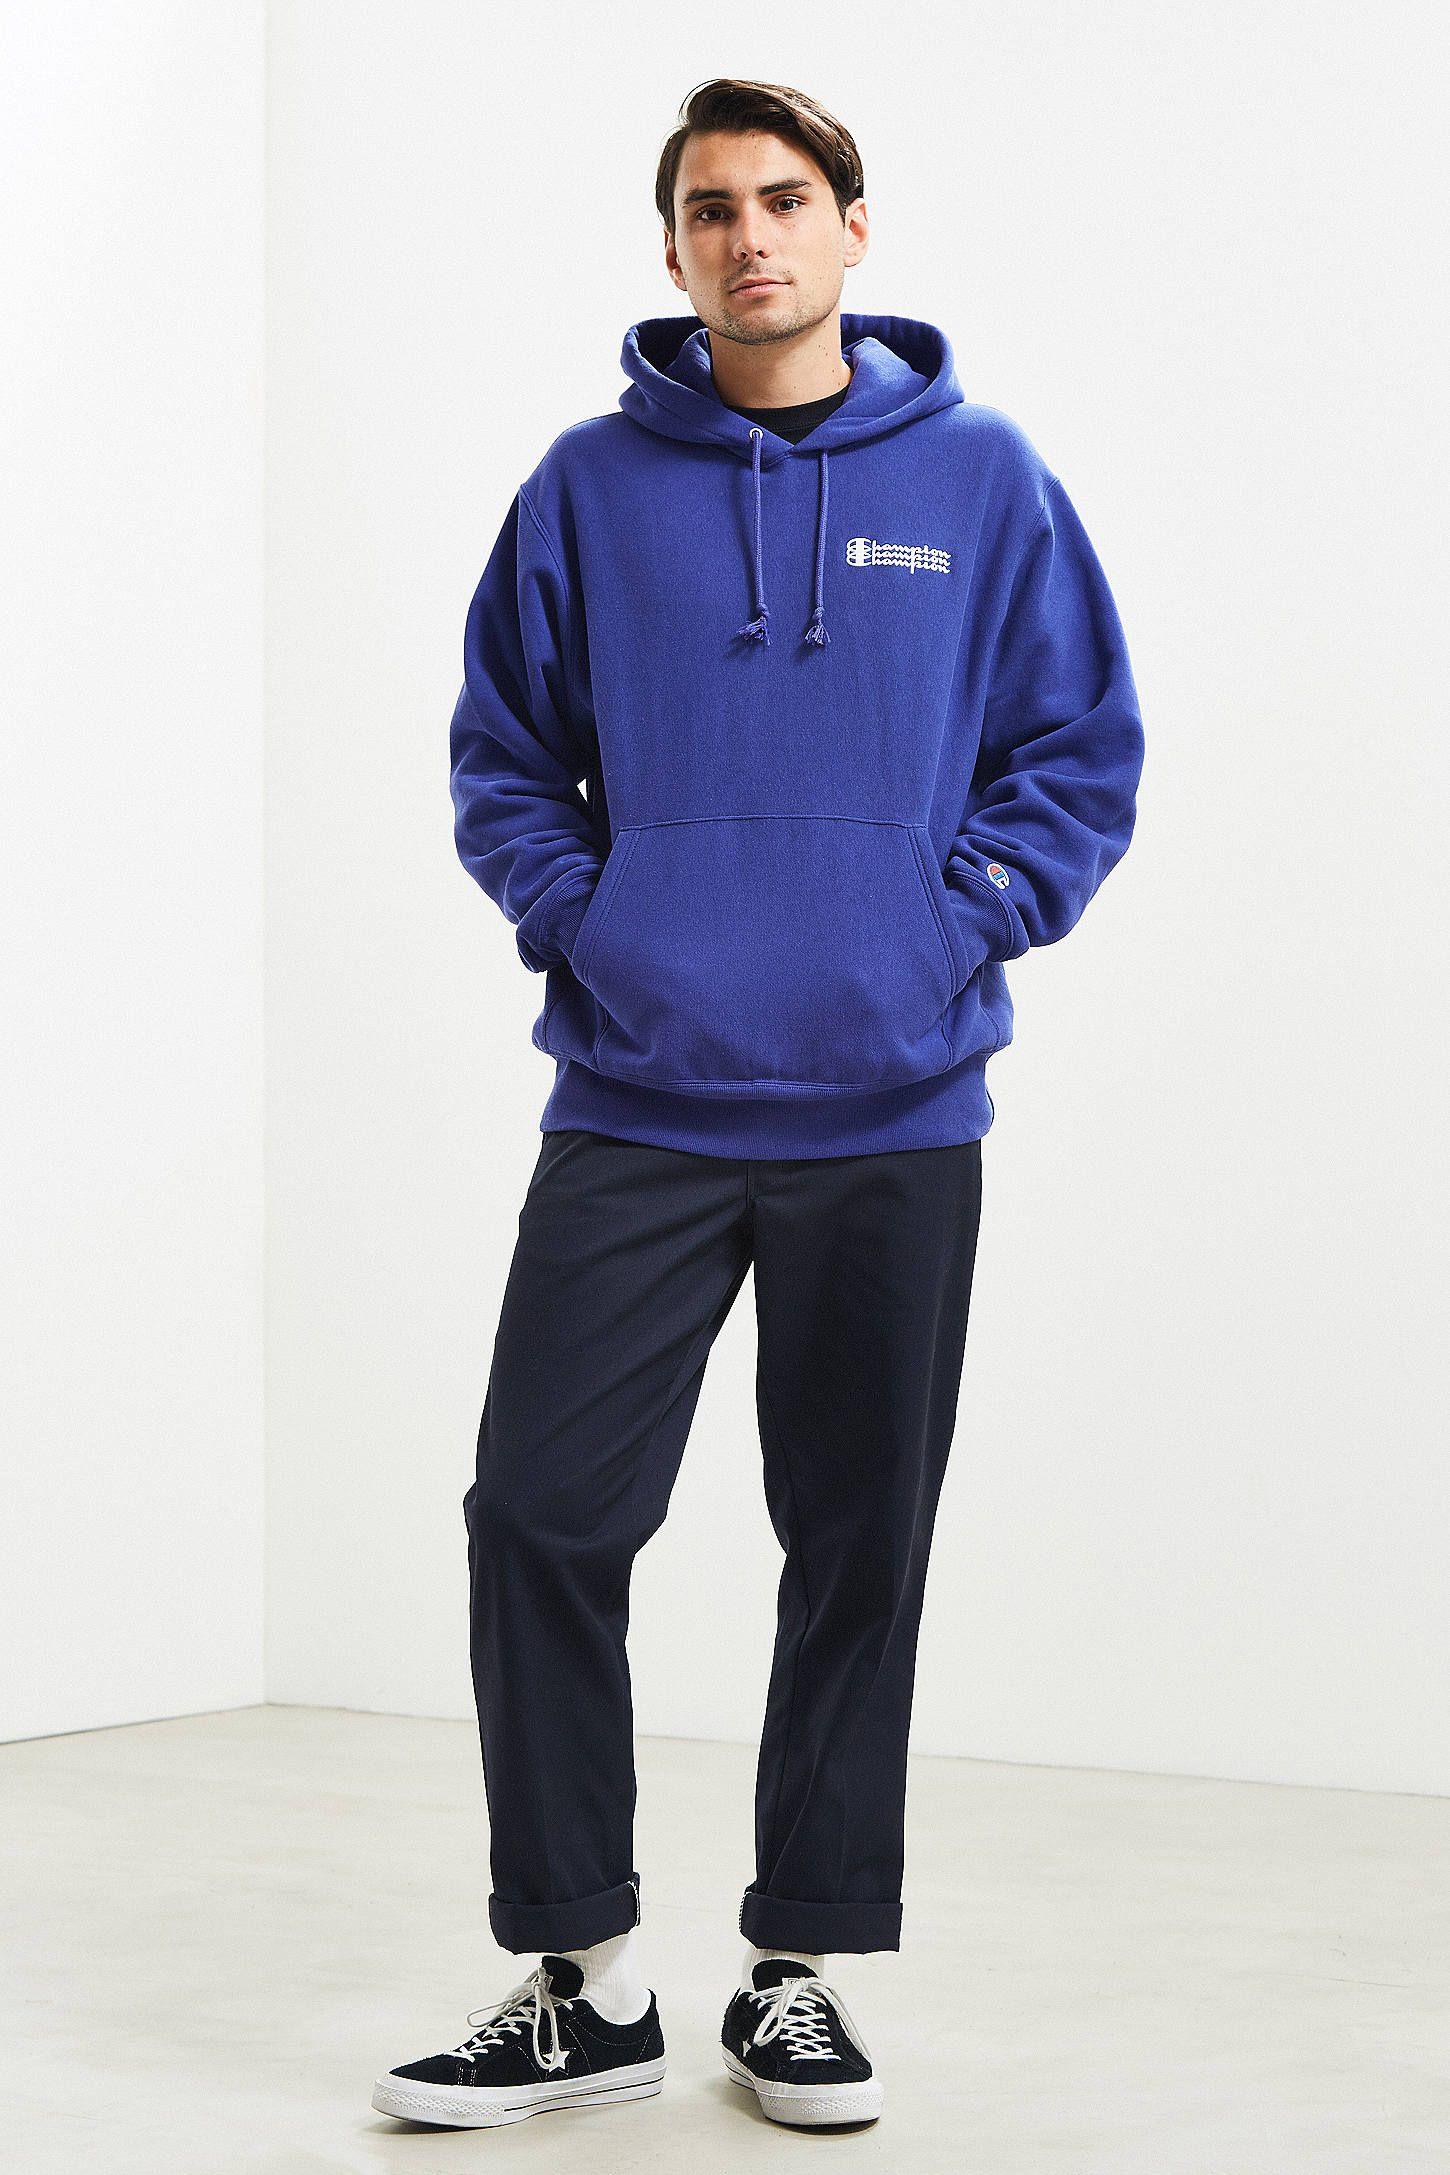 Champion Uo Exclusive Blue Triple Script Reverse Weave Hoodie Sweatshirt Sweatshirts Hoodie Sweatshirts Hoodies [ 2175 x 1450 Pixel ]